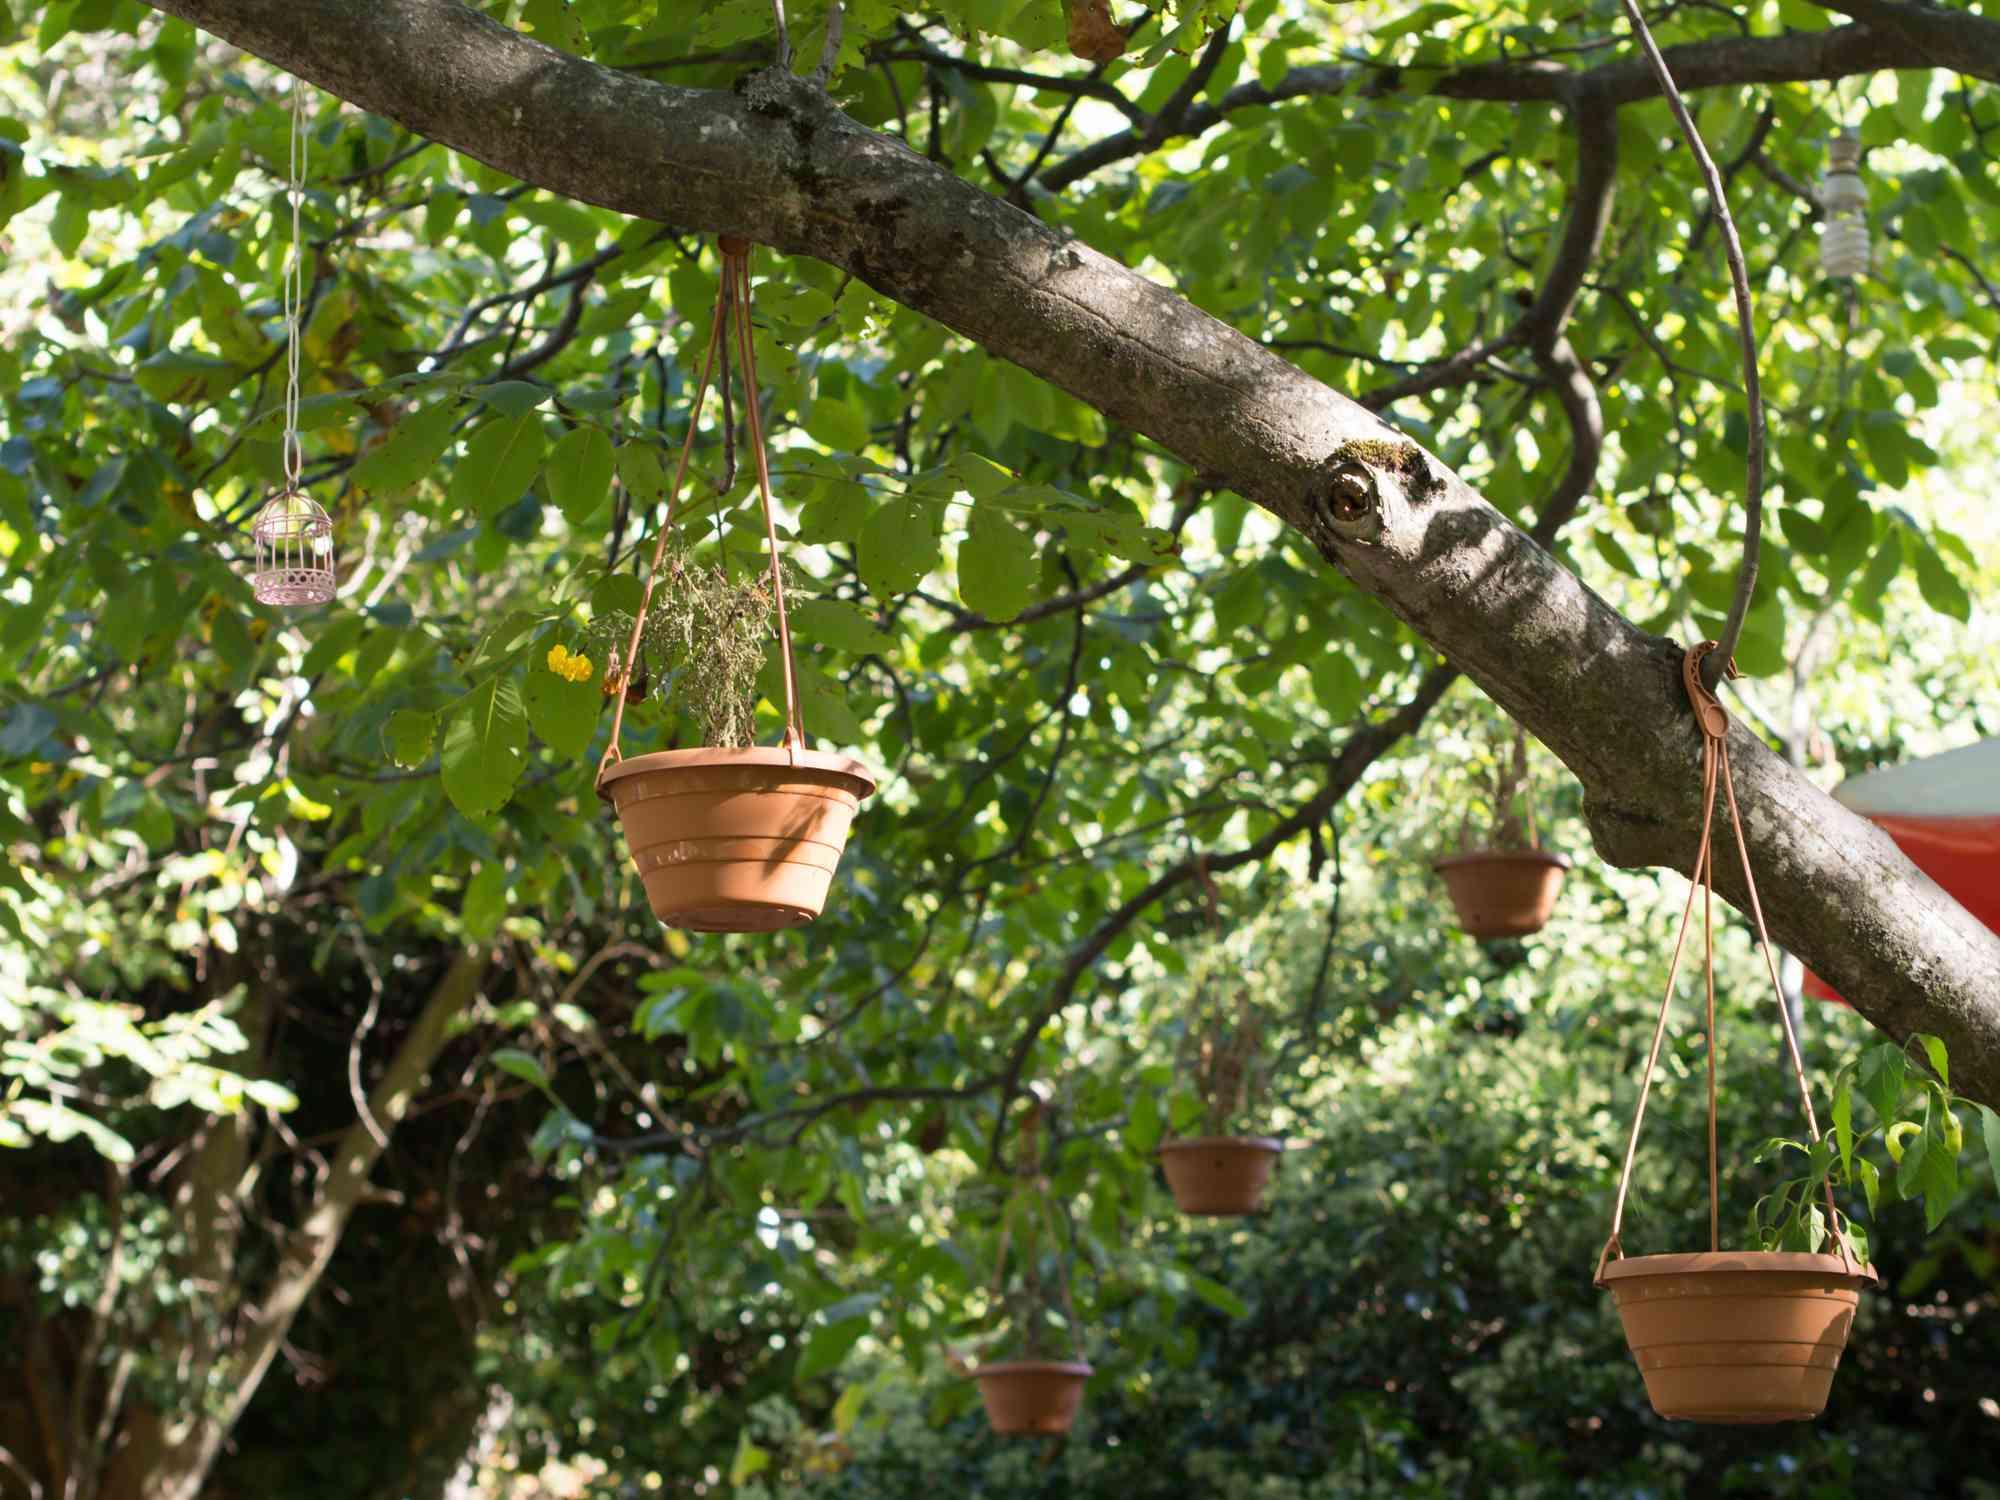 Plantas colgando de arbol